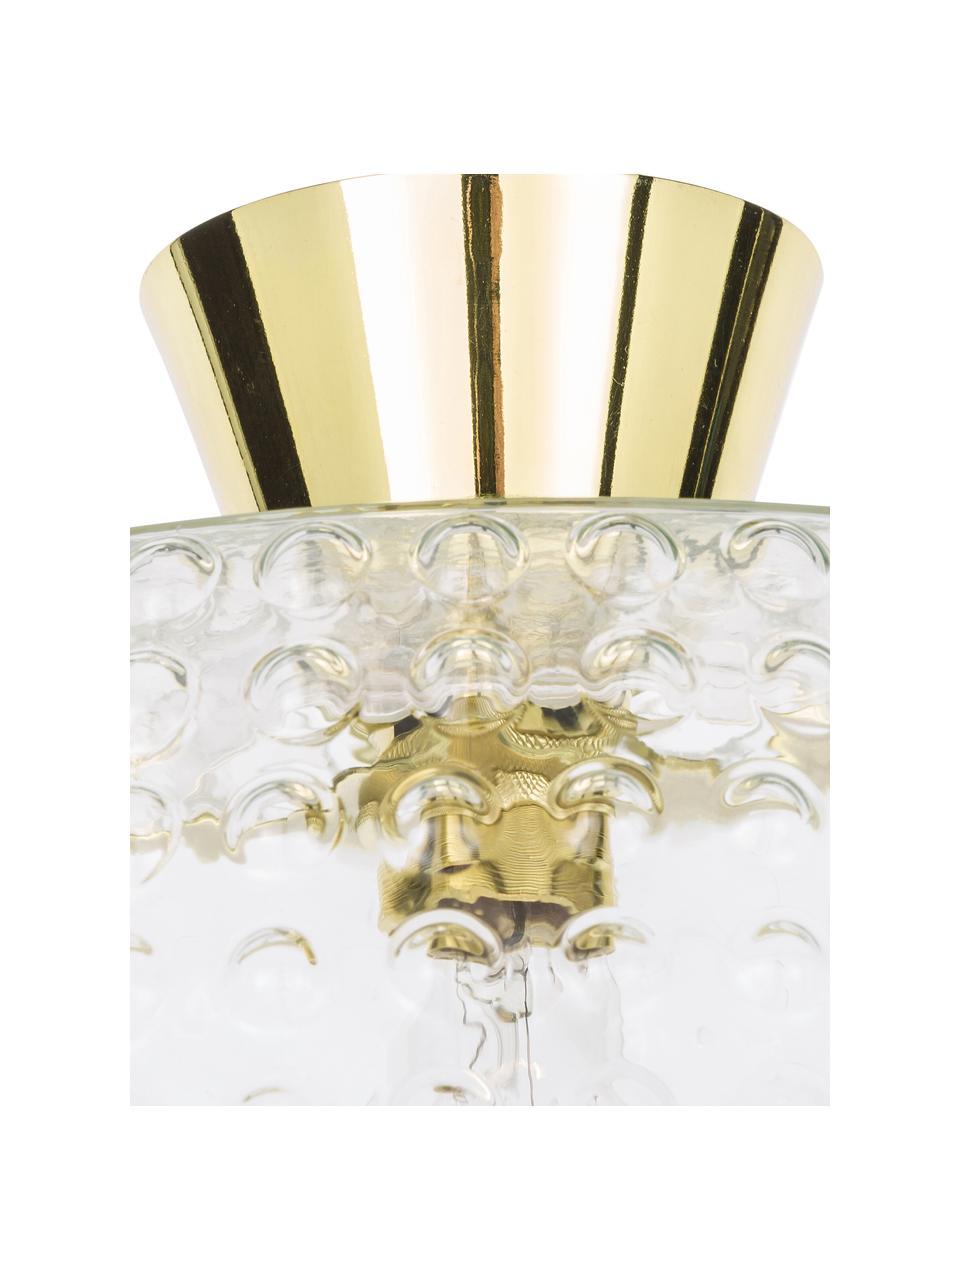 Deckenleuchte Spring aus Glas, Baldachin: Messing, lackiert, Lampenschirm: Glas, Goldfarben, Transparent, Ø 36 x H 27 cm